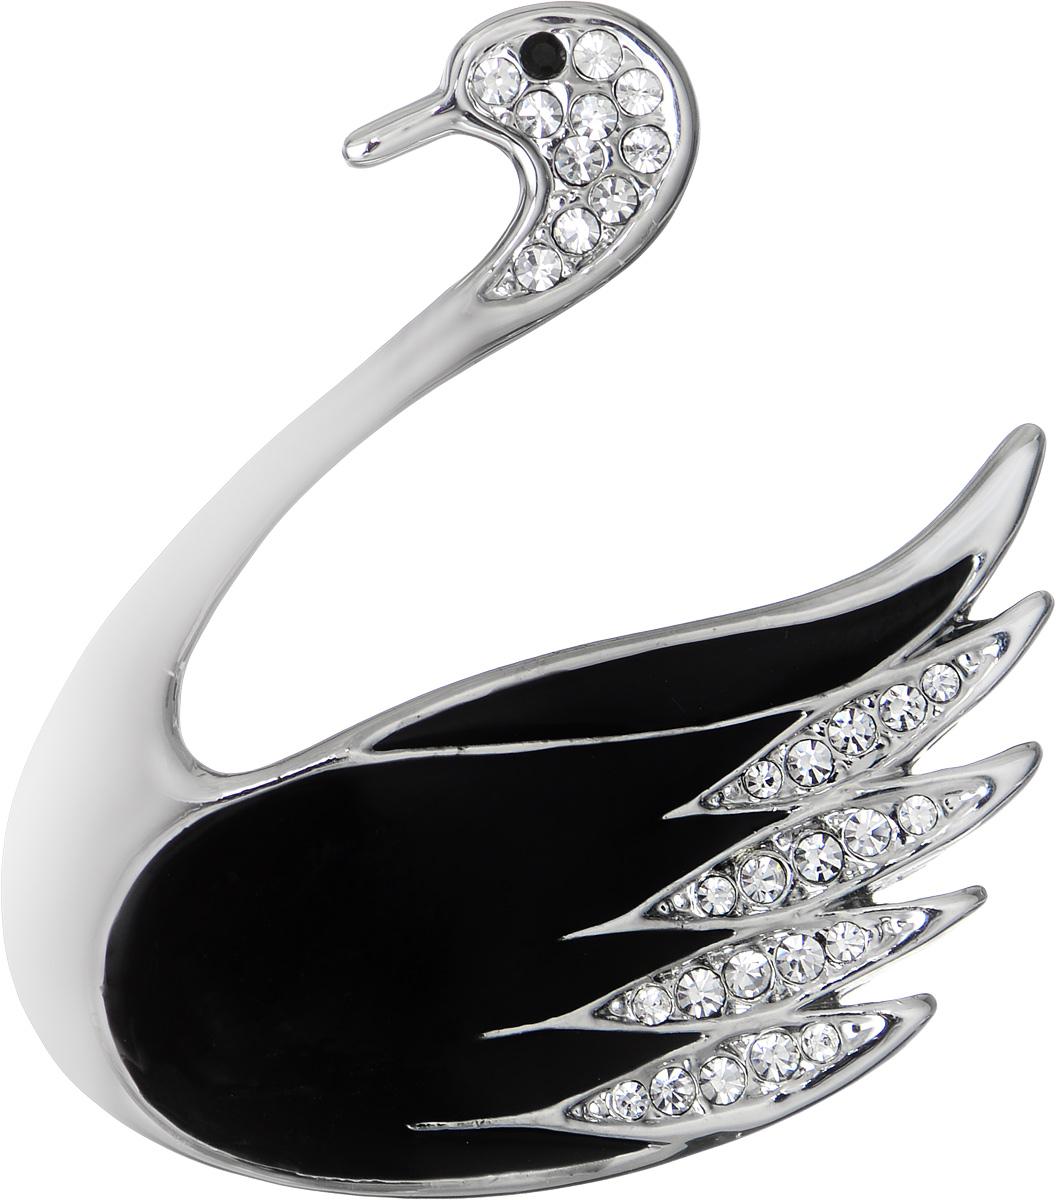 Брошь Fashion House, цвет: серебряный, черный. FH25193FH25193Эффектная брошь Fashion House, выполнена в виде лебедя с покрытием из эмали, оформленного стразами. Брошь крепится с помощью булавки с замочком. Такая брошь позволит вам с легкостью воплотить самую смелую фантазию и создать собственный, неповторимый образ.